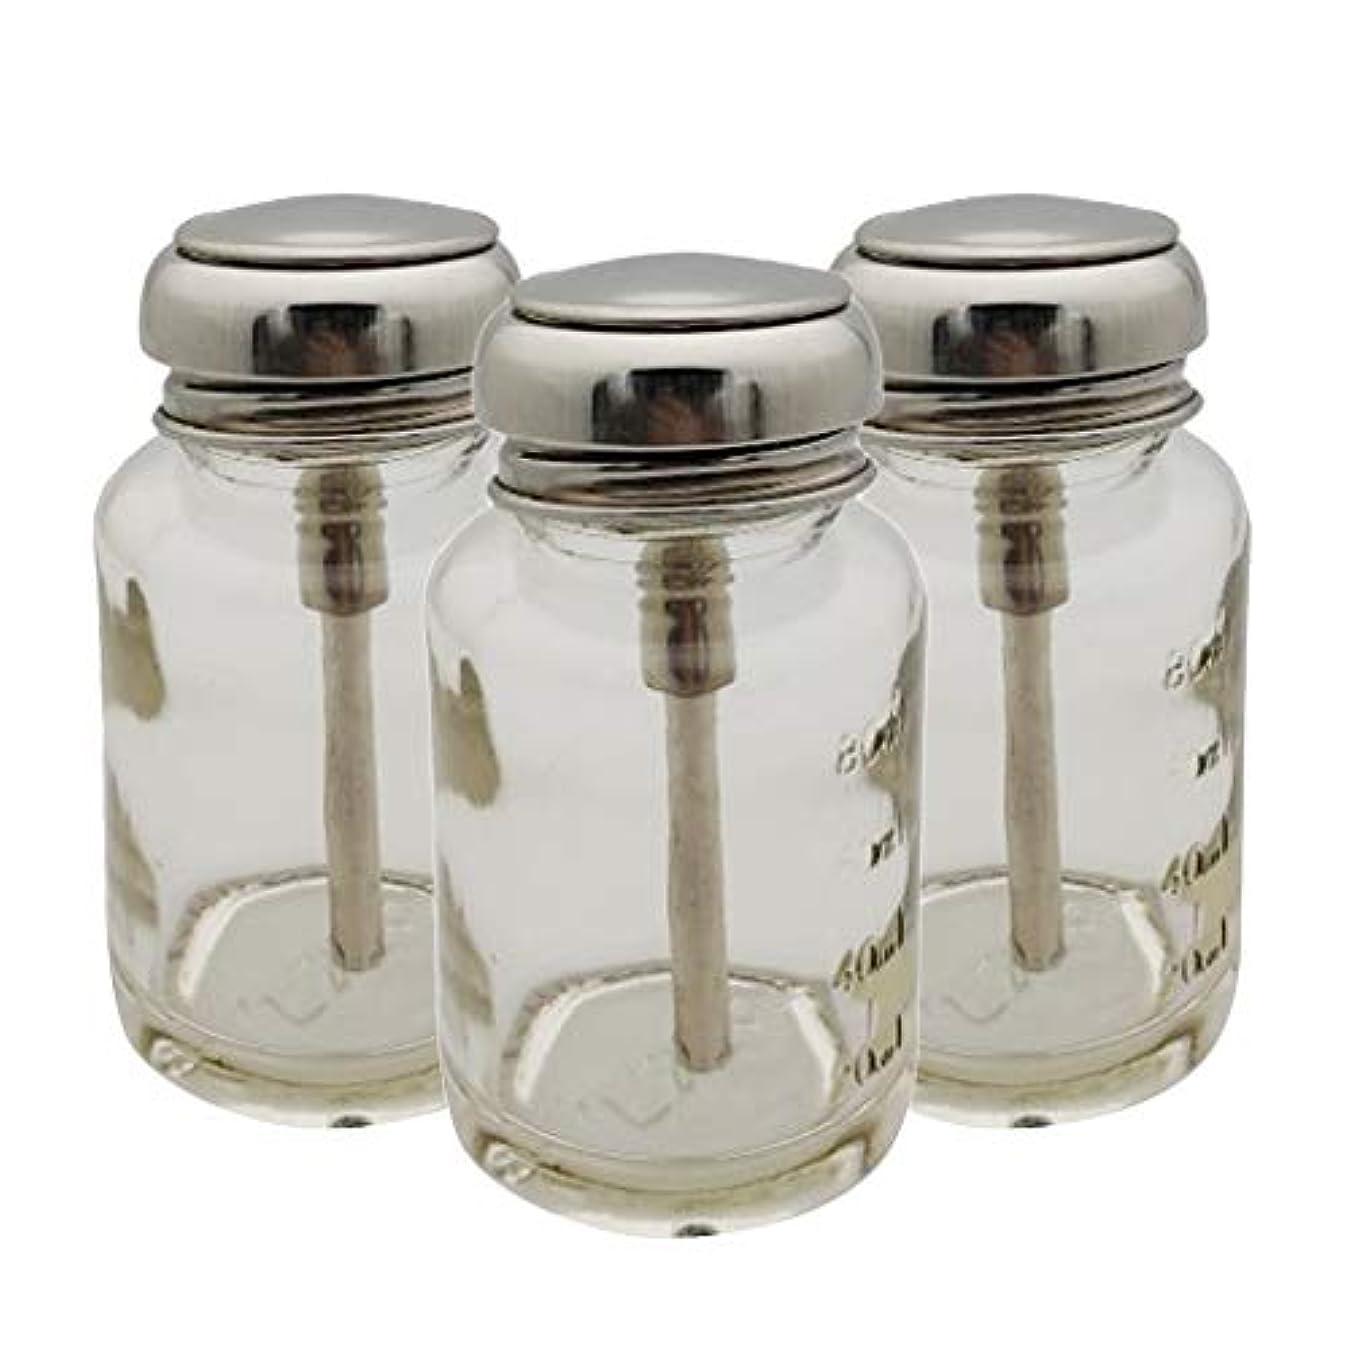 彼らののれん醜いSM SunniMix ポンプディスペンサー ネイル ポンプボトル 容器 ネイルクリーナーボトル 80ml ガラス 3個入り